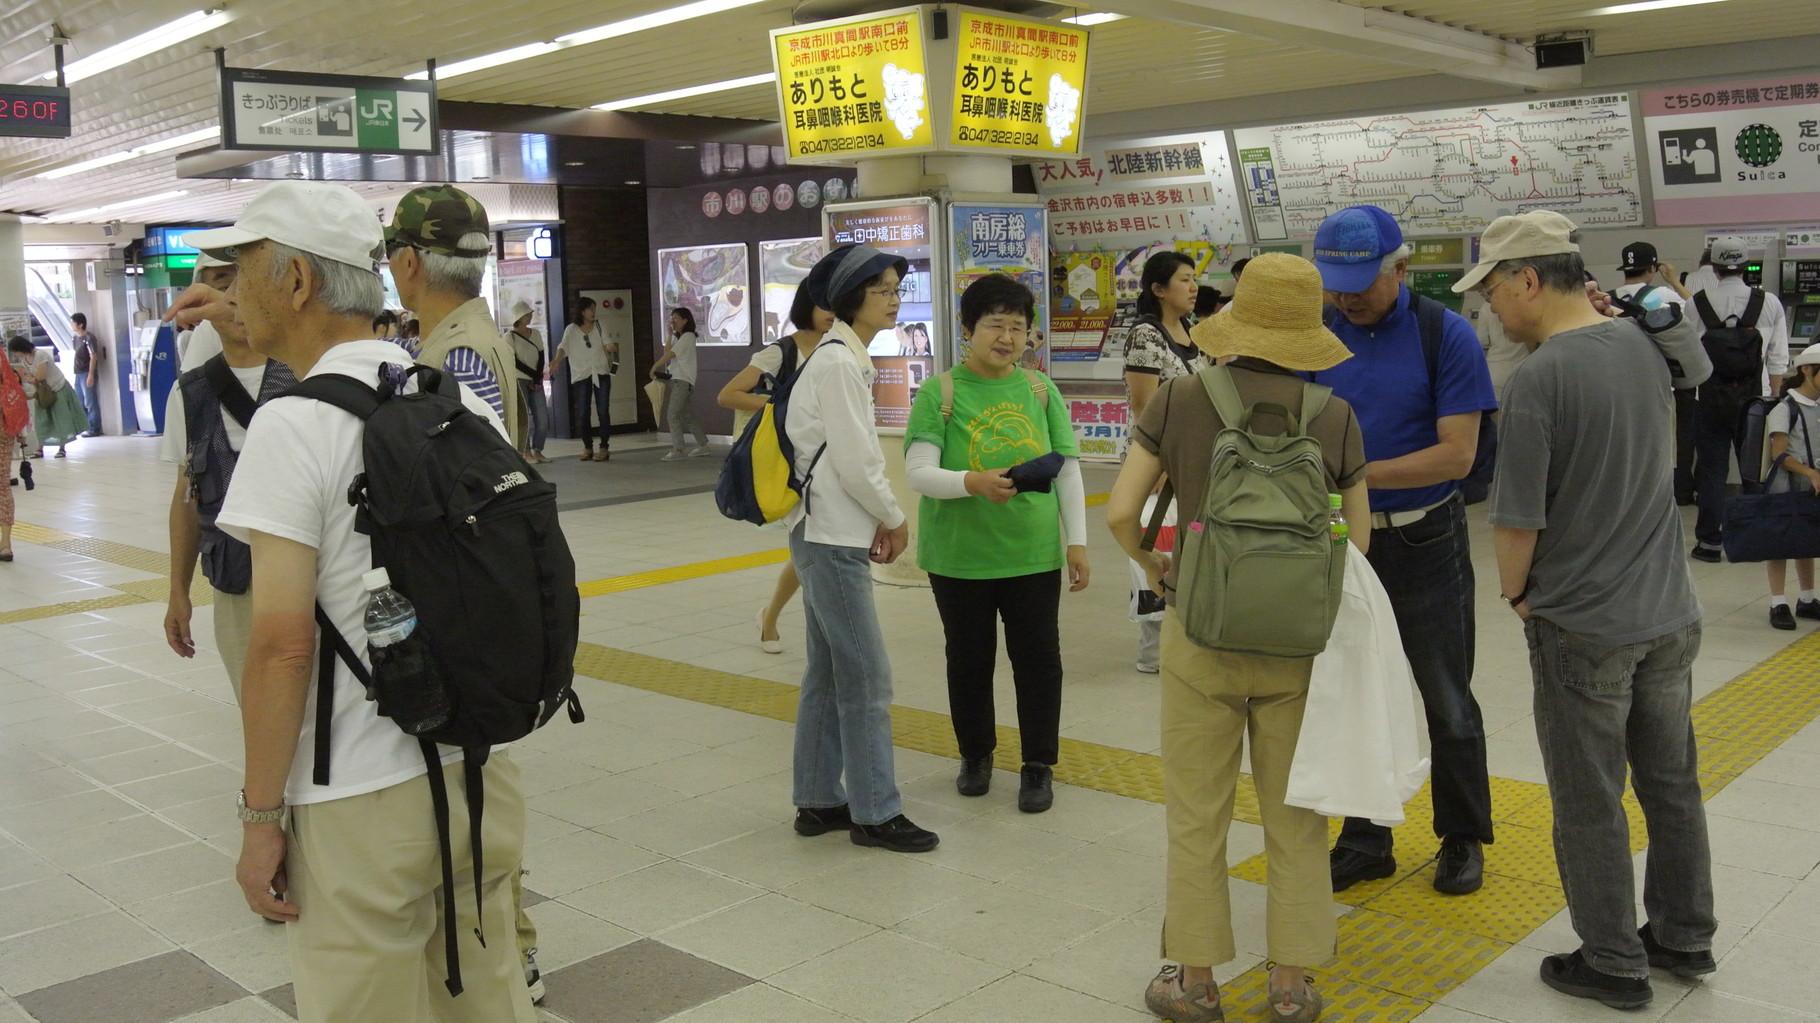 午後1時過ぎ市川駅集合